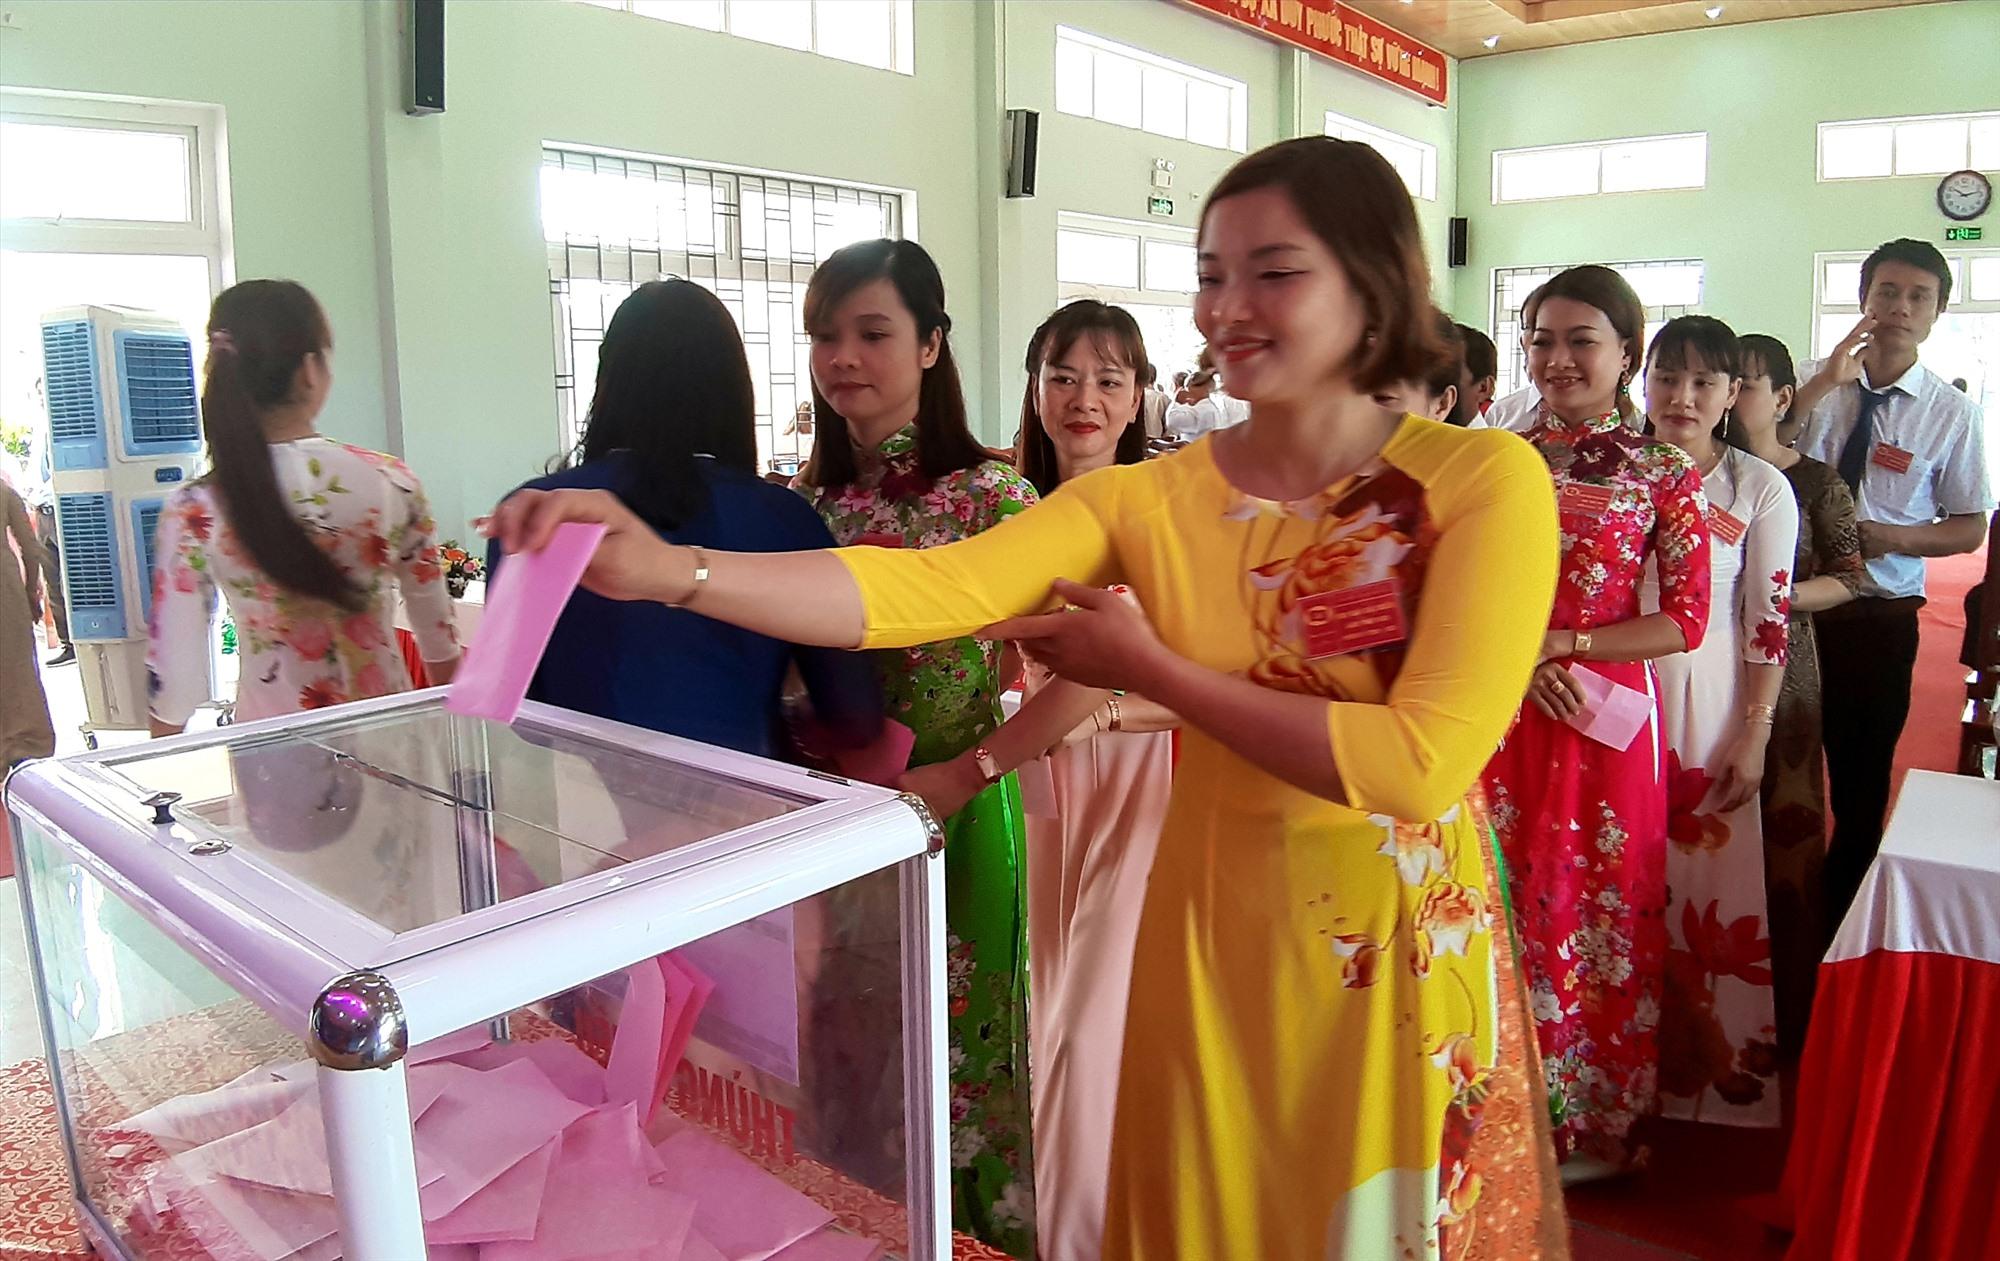 Đảng bộ xã Duy Phước được Huyện ủy Duy Xuyên chọn tổ chức đại hội trước (diễn ra ngày 11 và 12.3.2020) để rút kinh nghiệm cho các địa phương, đơn vị khác. Ảnh: T.S